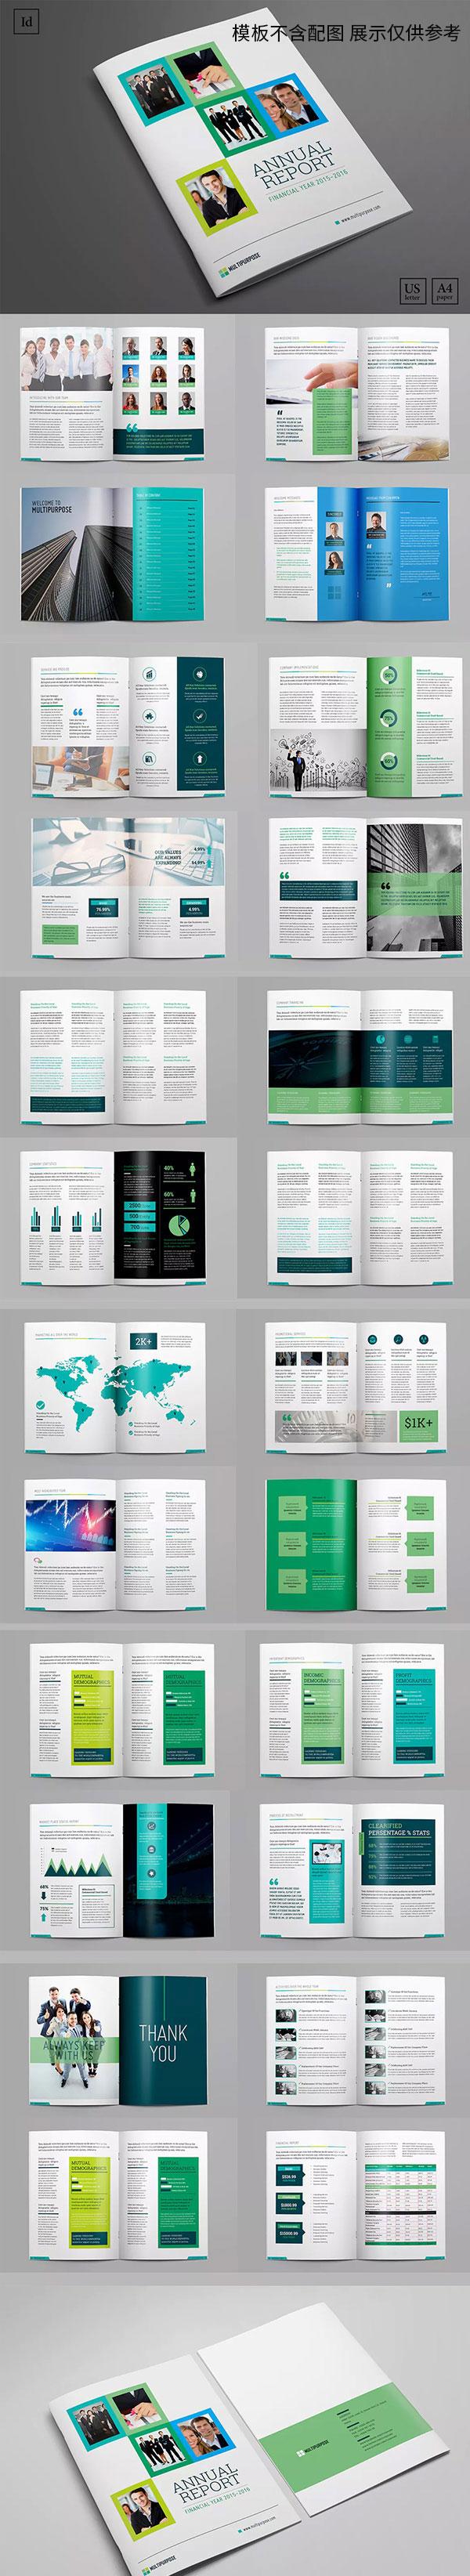 大气商务画册